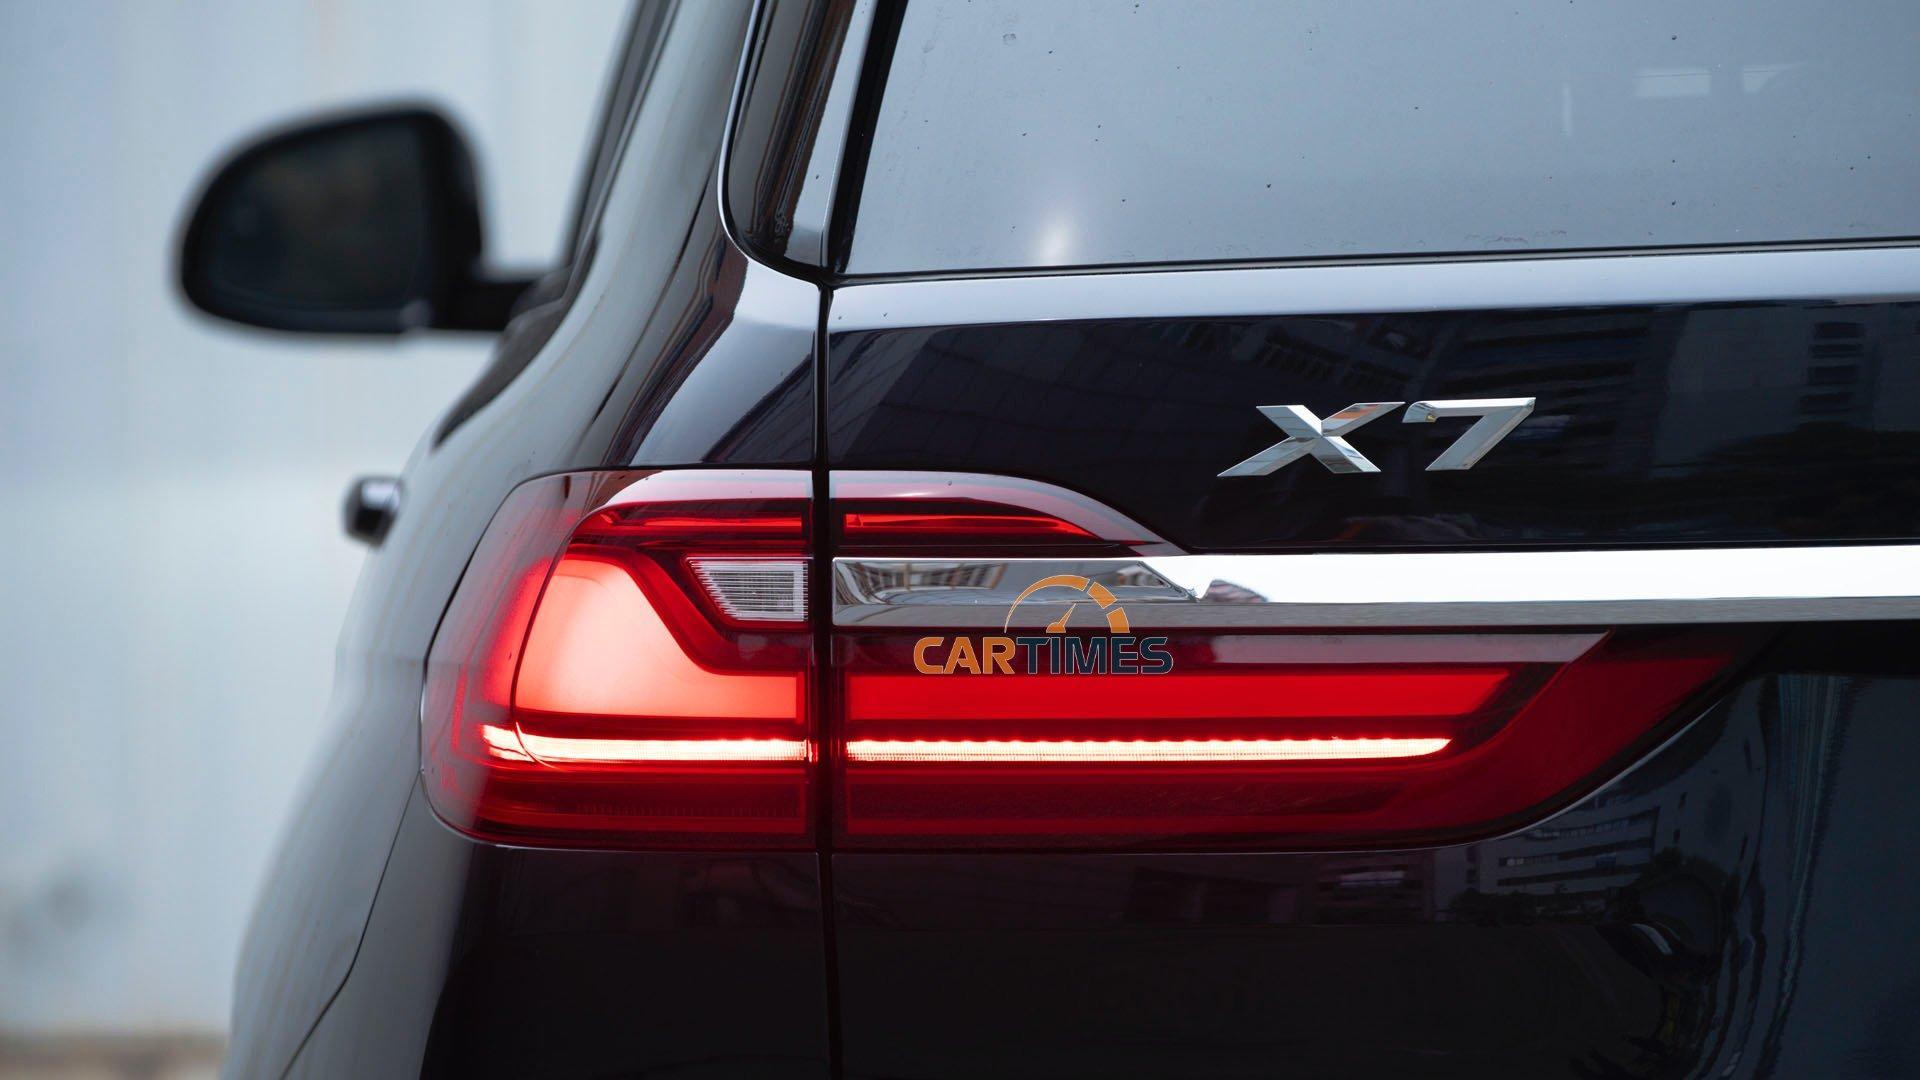 Giá hơn 7 tỷ đồng, BMW X7 thứ 2 về Việt Nam có những trang bị gì? Ảnh 12